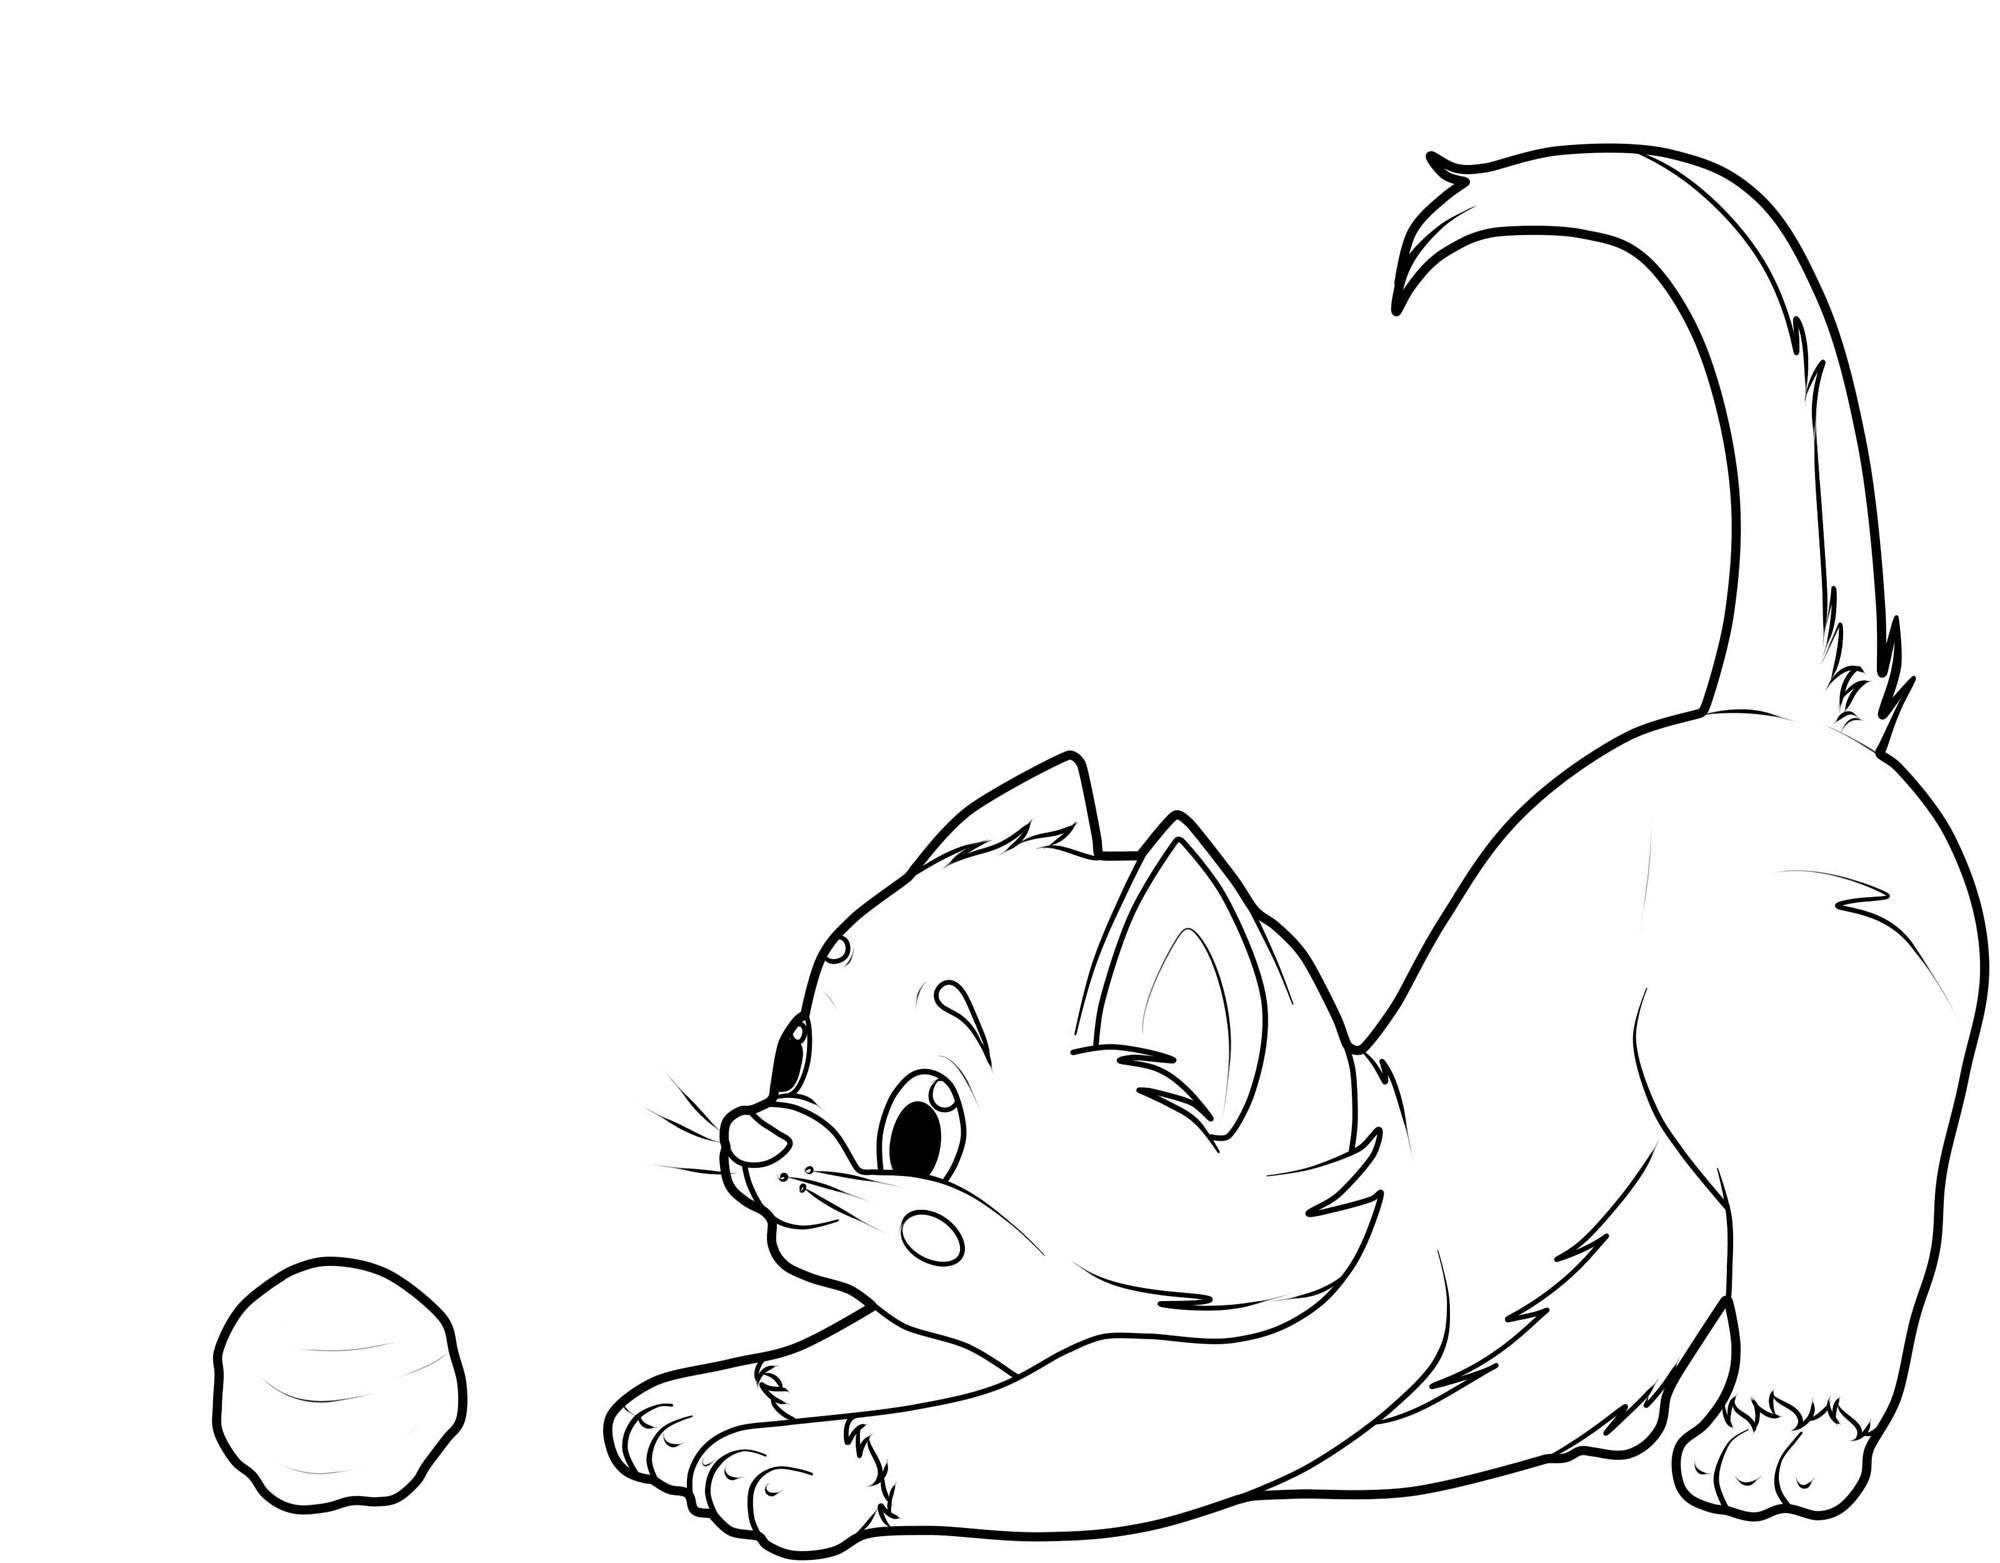 katze spielt mit wollknaeuel